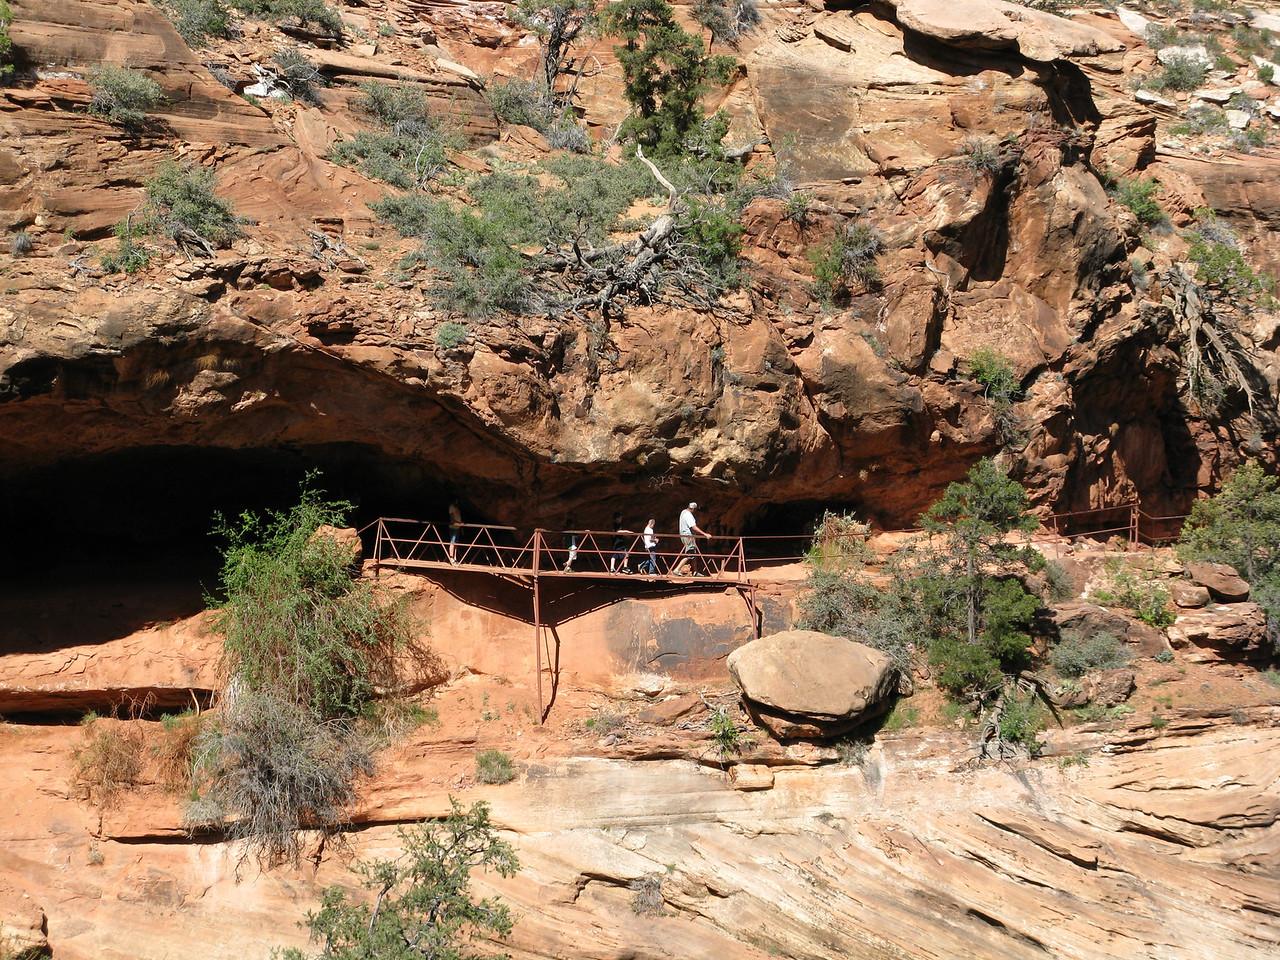 2011-04-21 Canyon Overlook 018